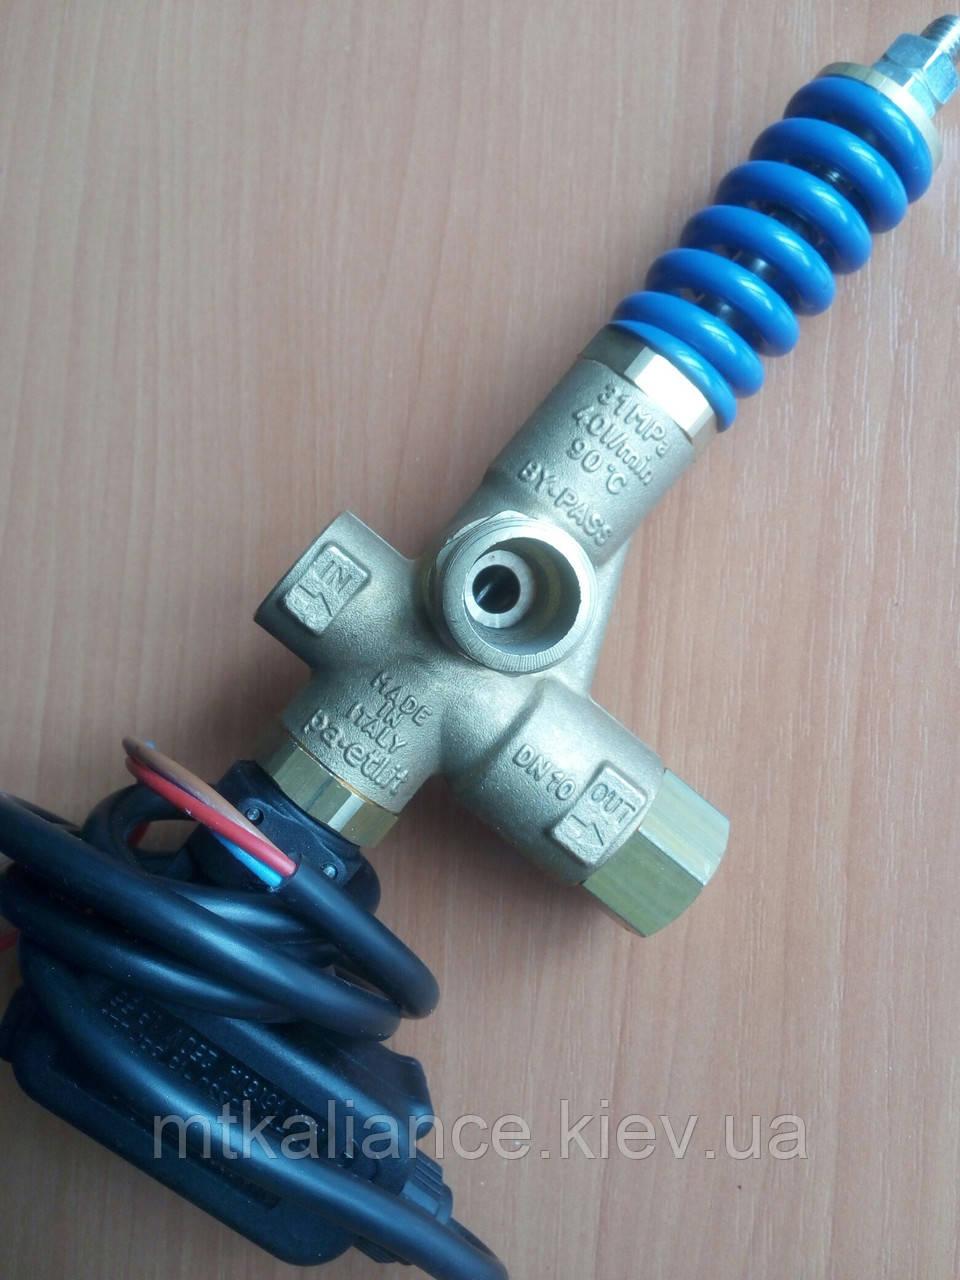 Байпас с микровыключателем для авд , Клапан регулирования давления - 310 бар PA  Pulsar 4